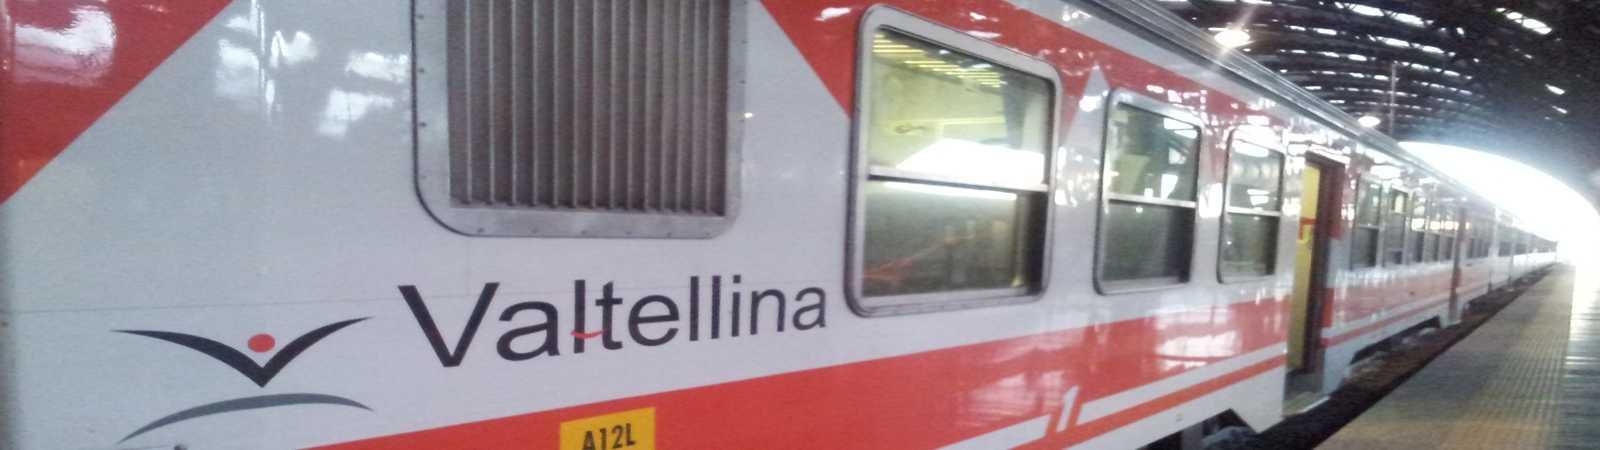 Comuni Lombardi: ricerchiamo rilevatori per conteggio passeggeri presso alcune stazioni ferroviarie della Lombardia